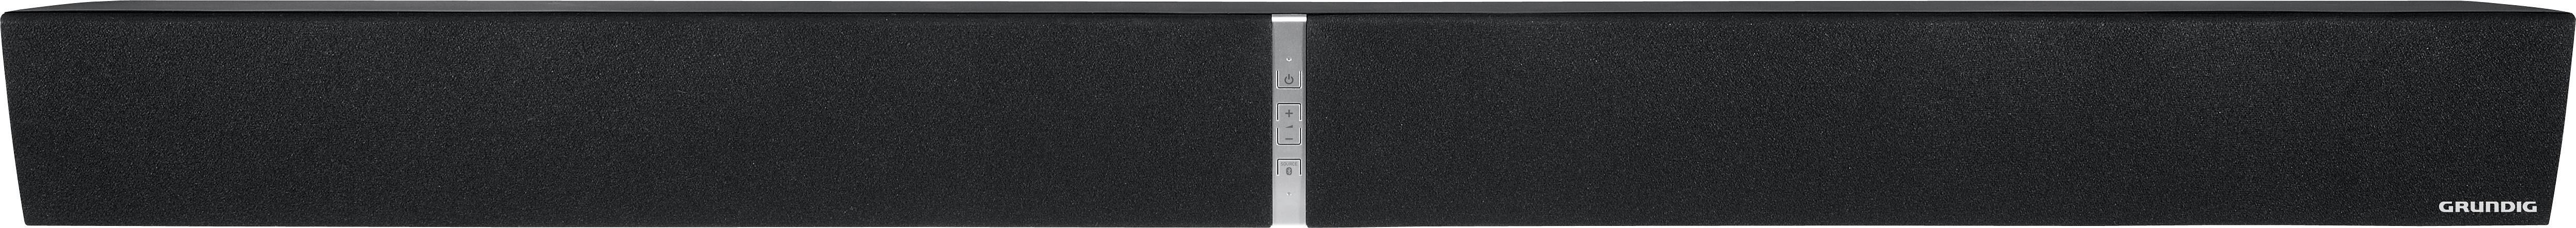 Grundig GSB 810 Soundbar, 40 W, Bluetooth